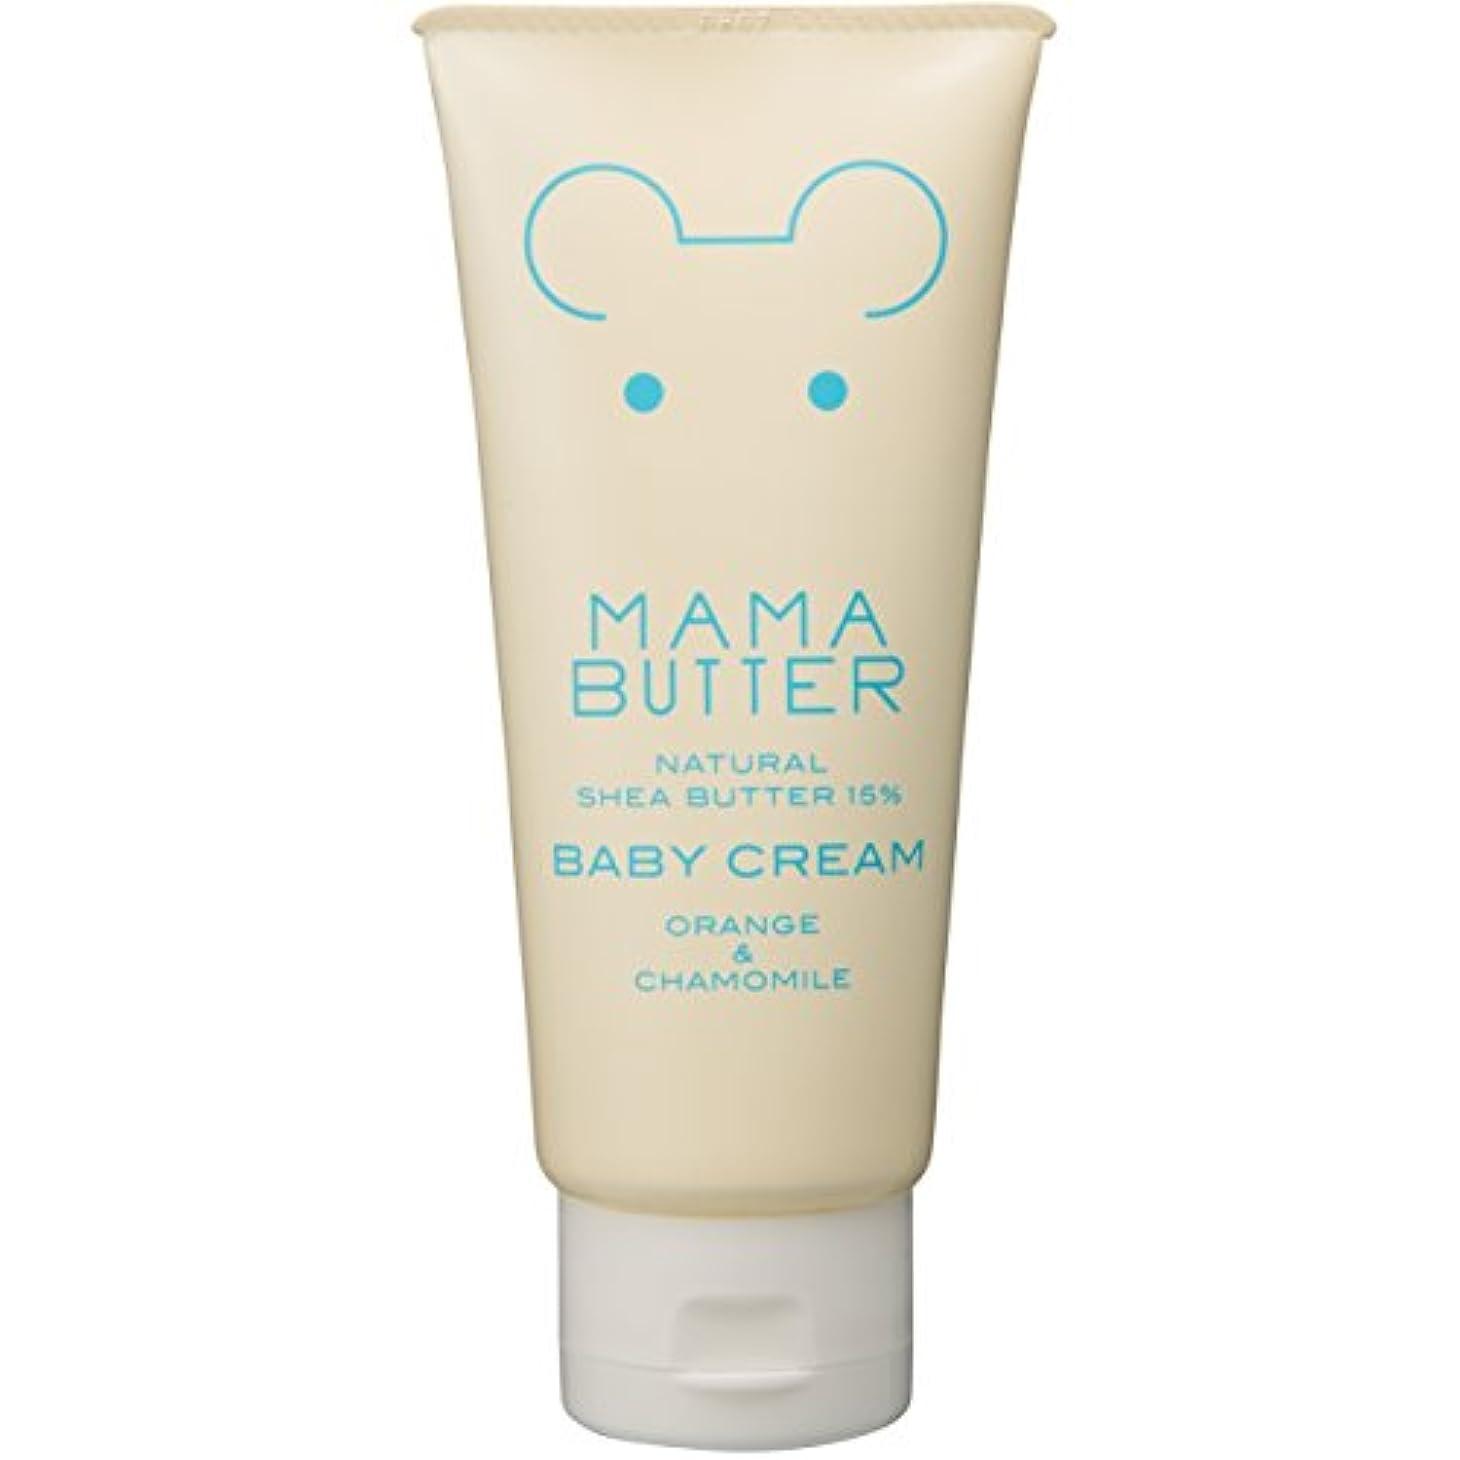 定説仕出しますそれからママバター ベビークリーム 天然 オレンジ&カモミールの香り 130g